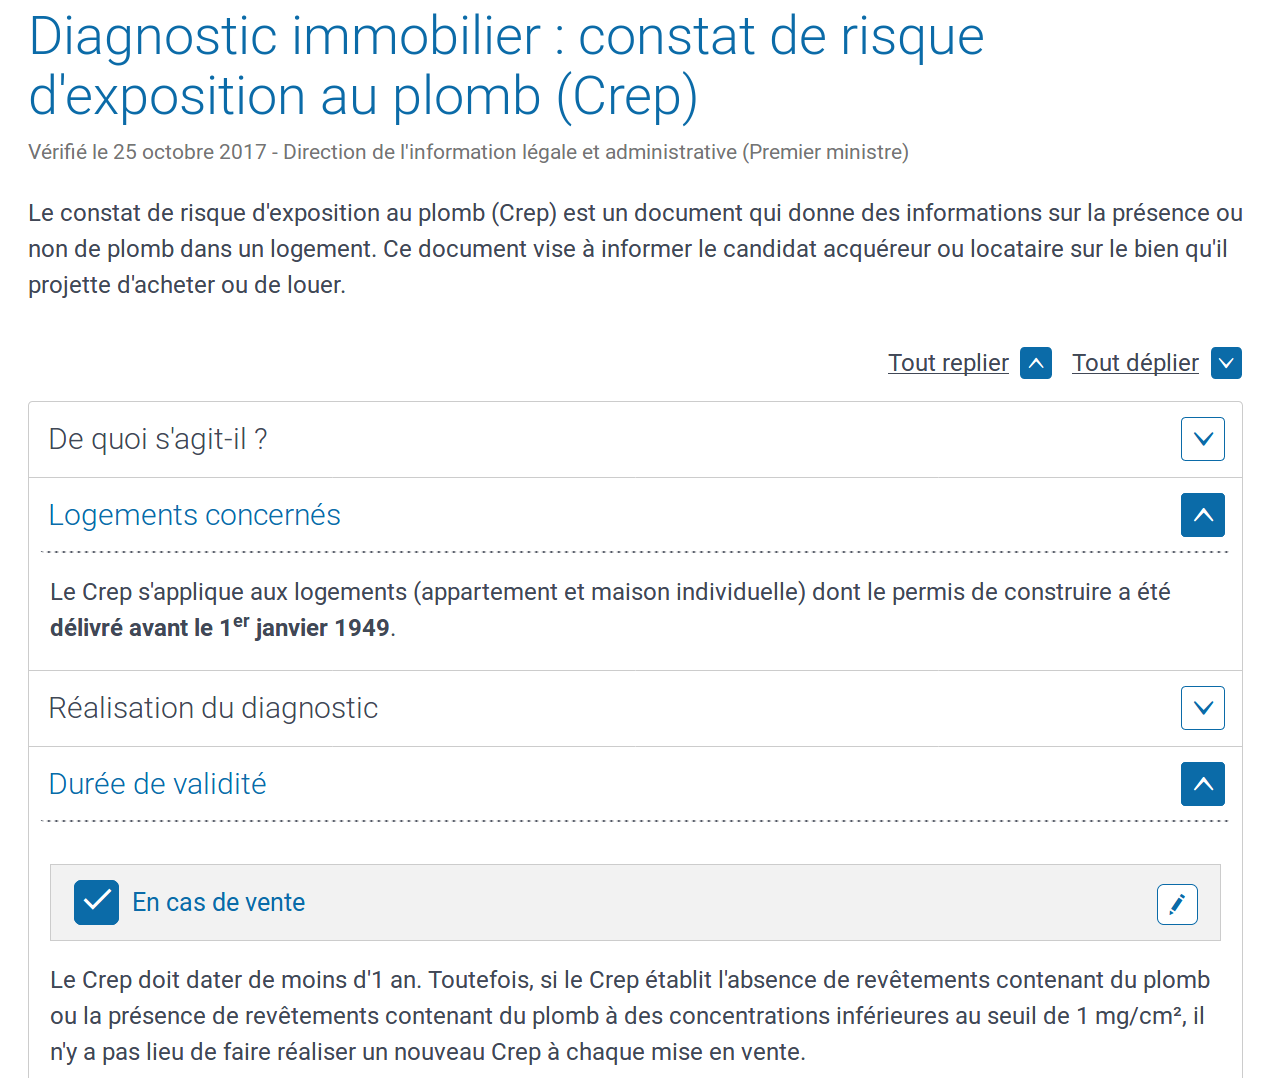 Constat de Risque d'Exposition au Plomb CREP photo d'écran du site Service-Public-fr logements concernés cas de vente